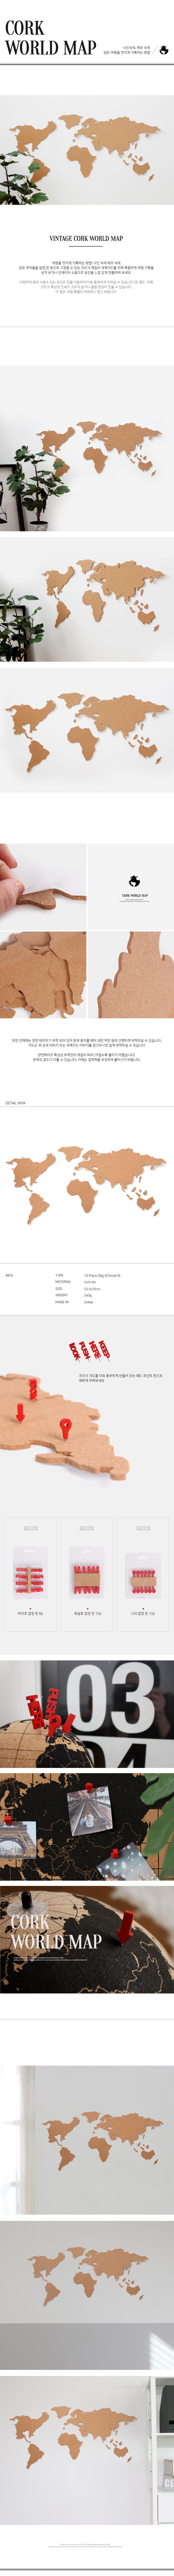 피스 코르크 세계지도 월드맵 - 디자인에버, 23,000원, 편의용품, 지도